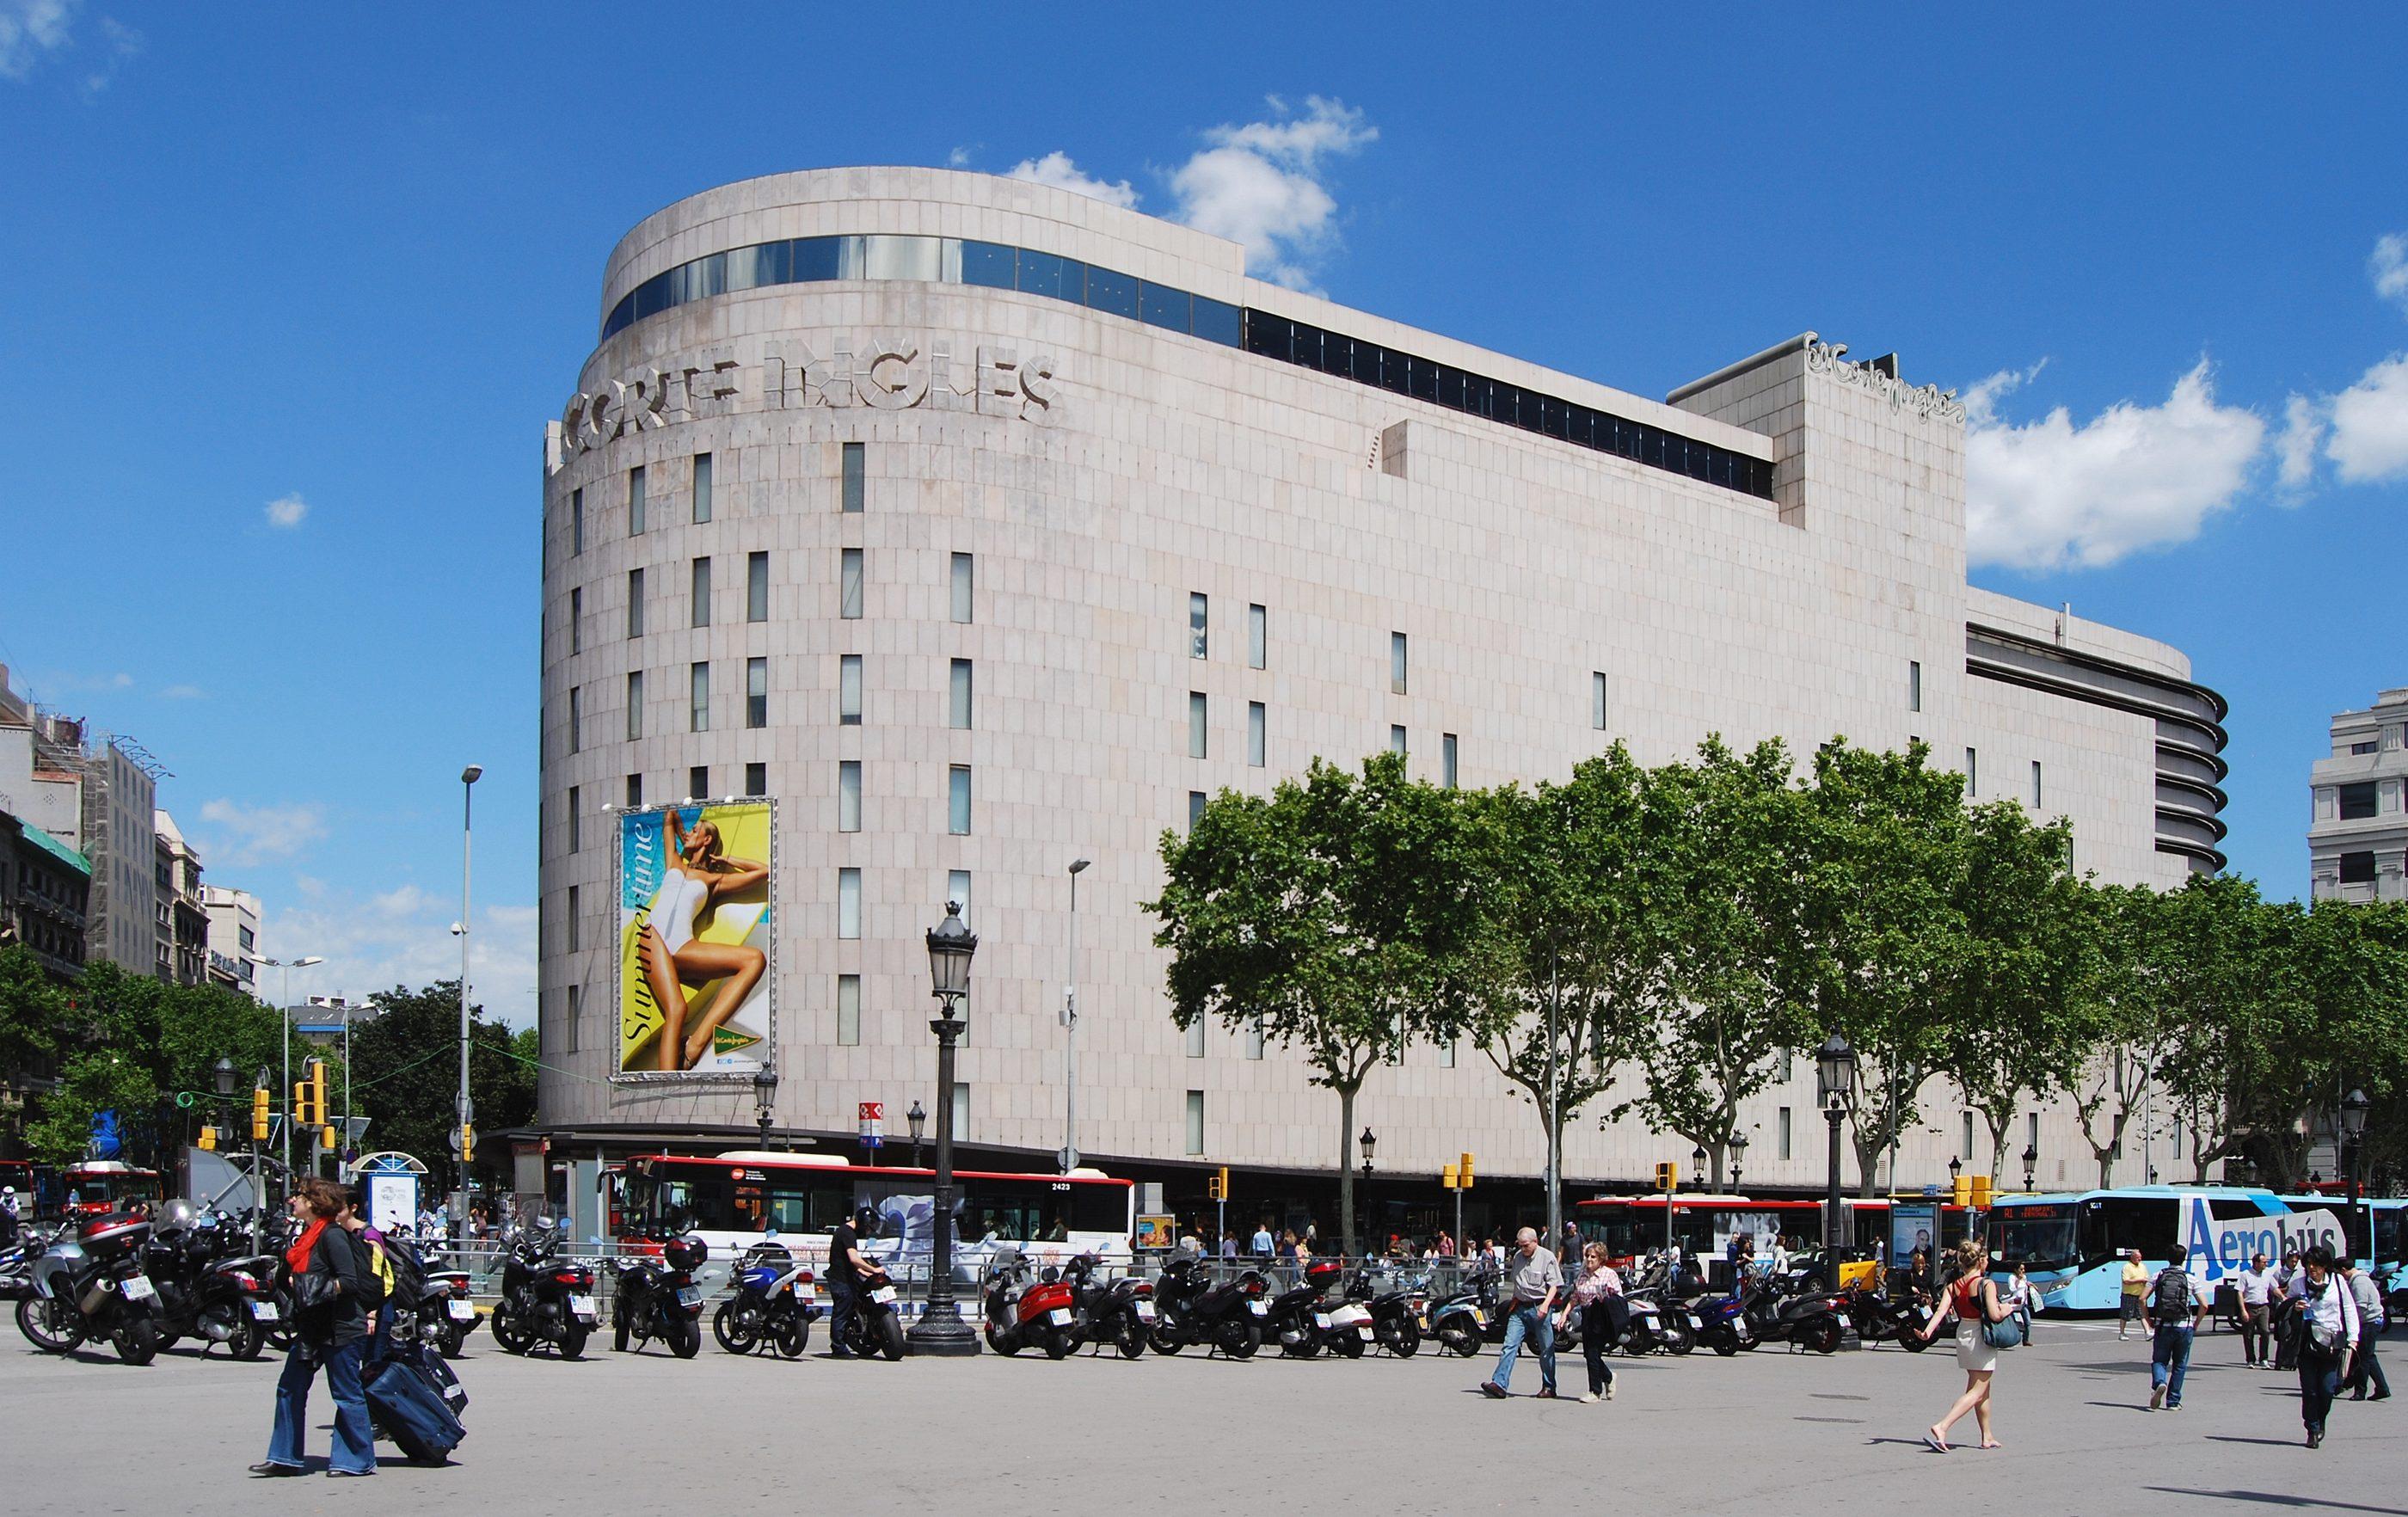 El_Corte_Inglés_Barcelona_Plaça_de_Catalunya_2013